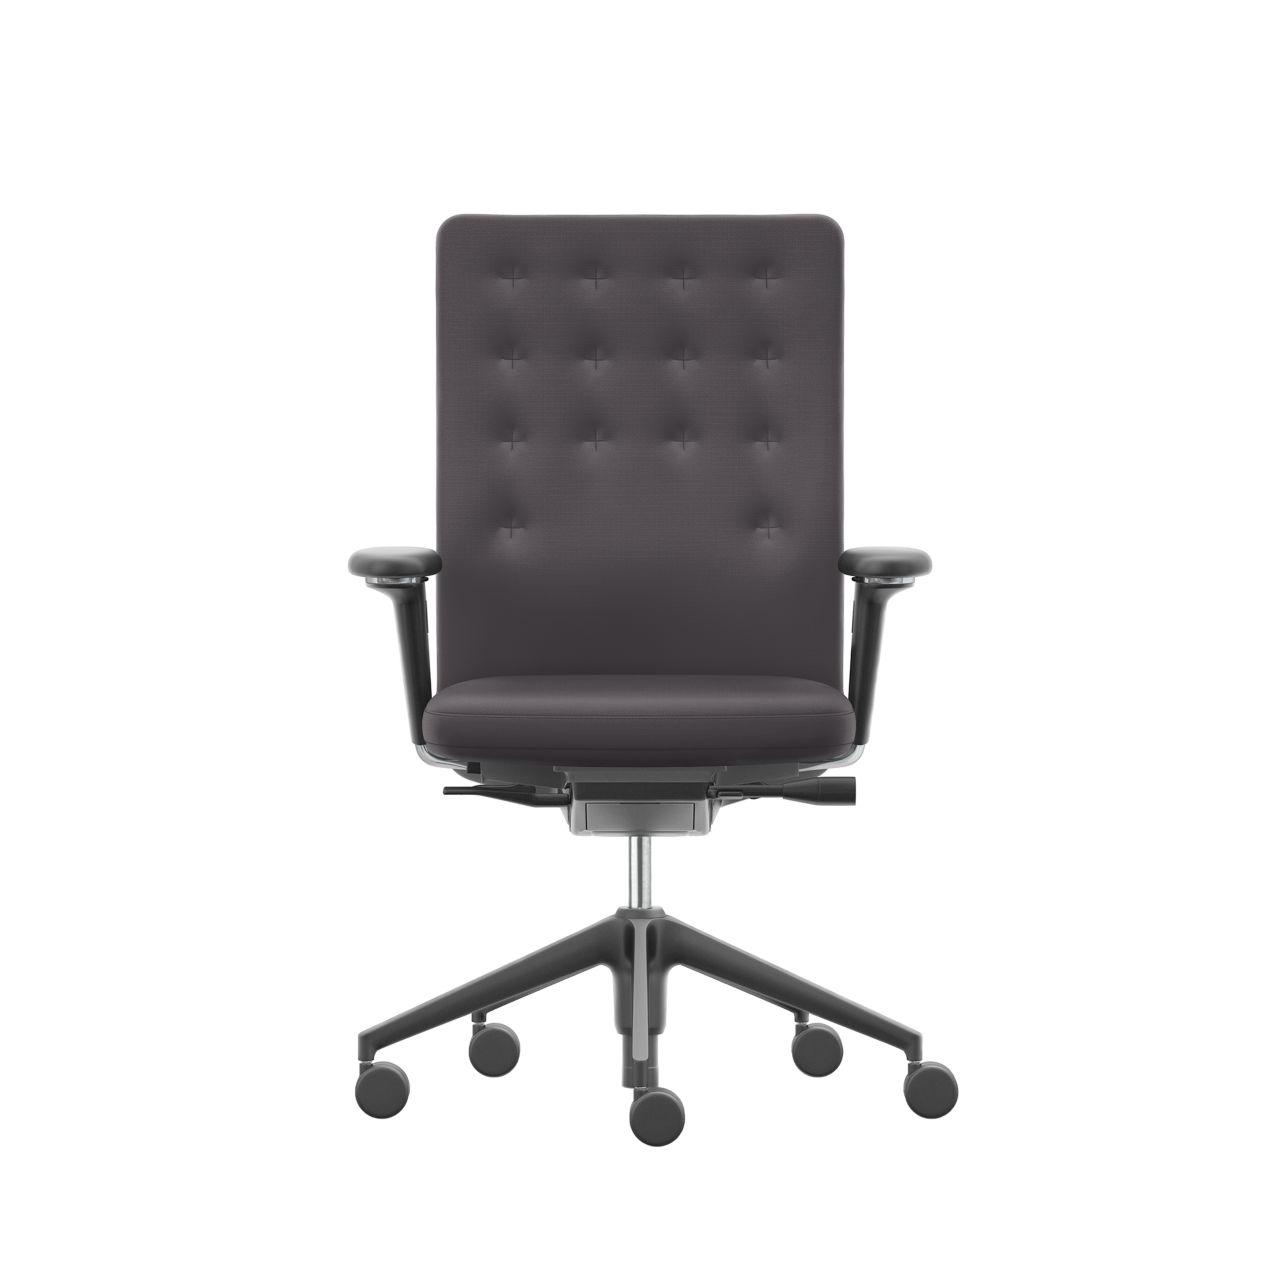 ID Trim Office Chair in Sierra GreyNero by Vitra